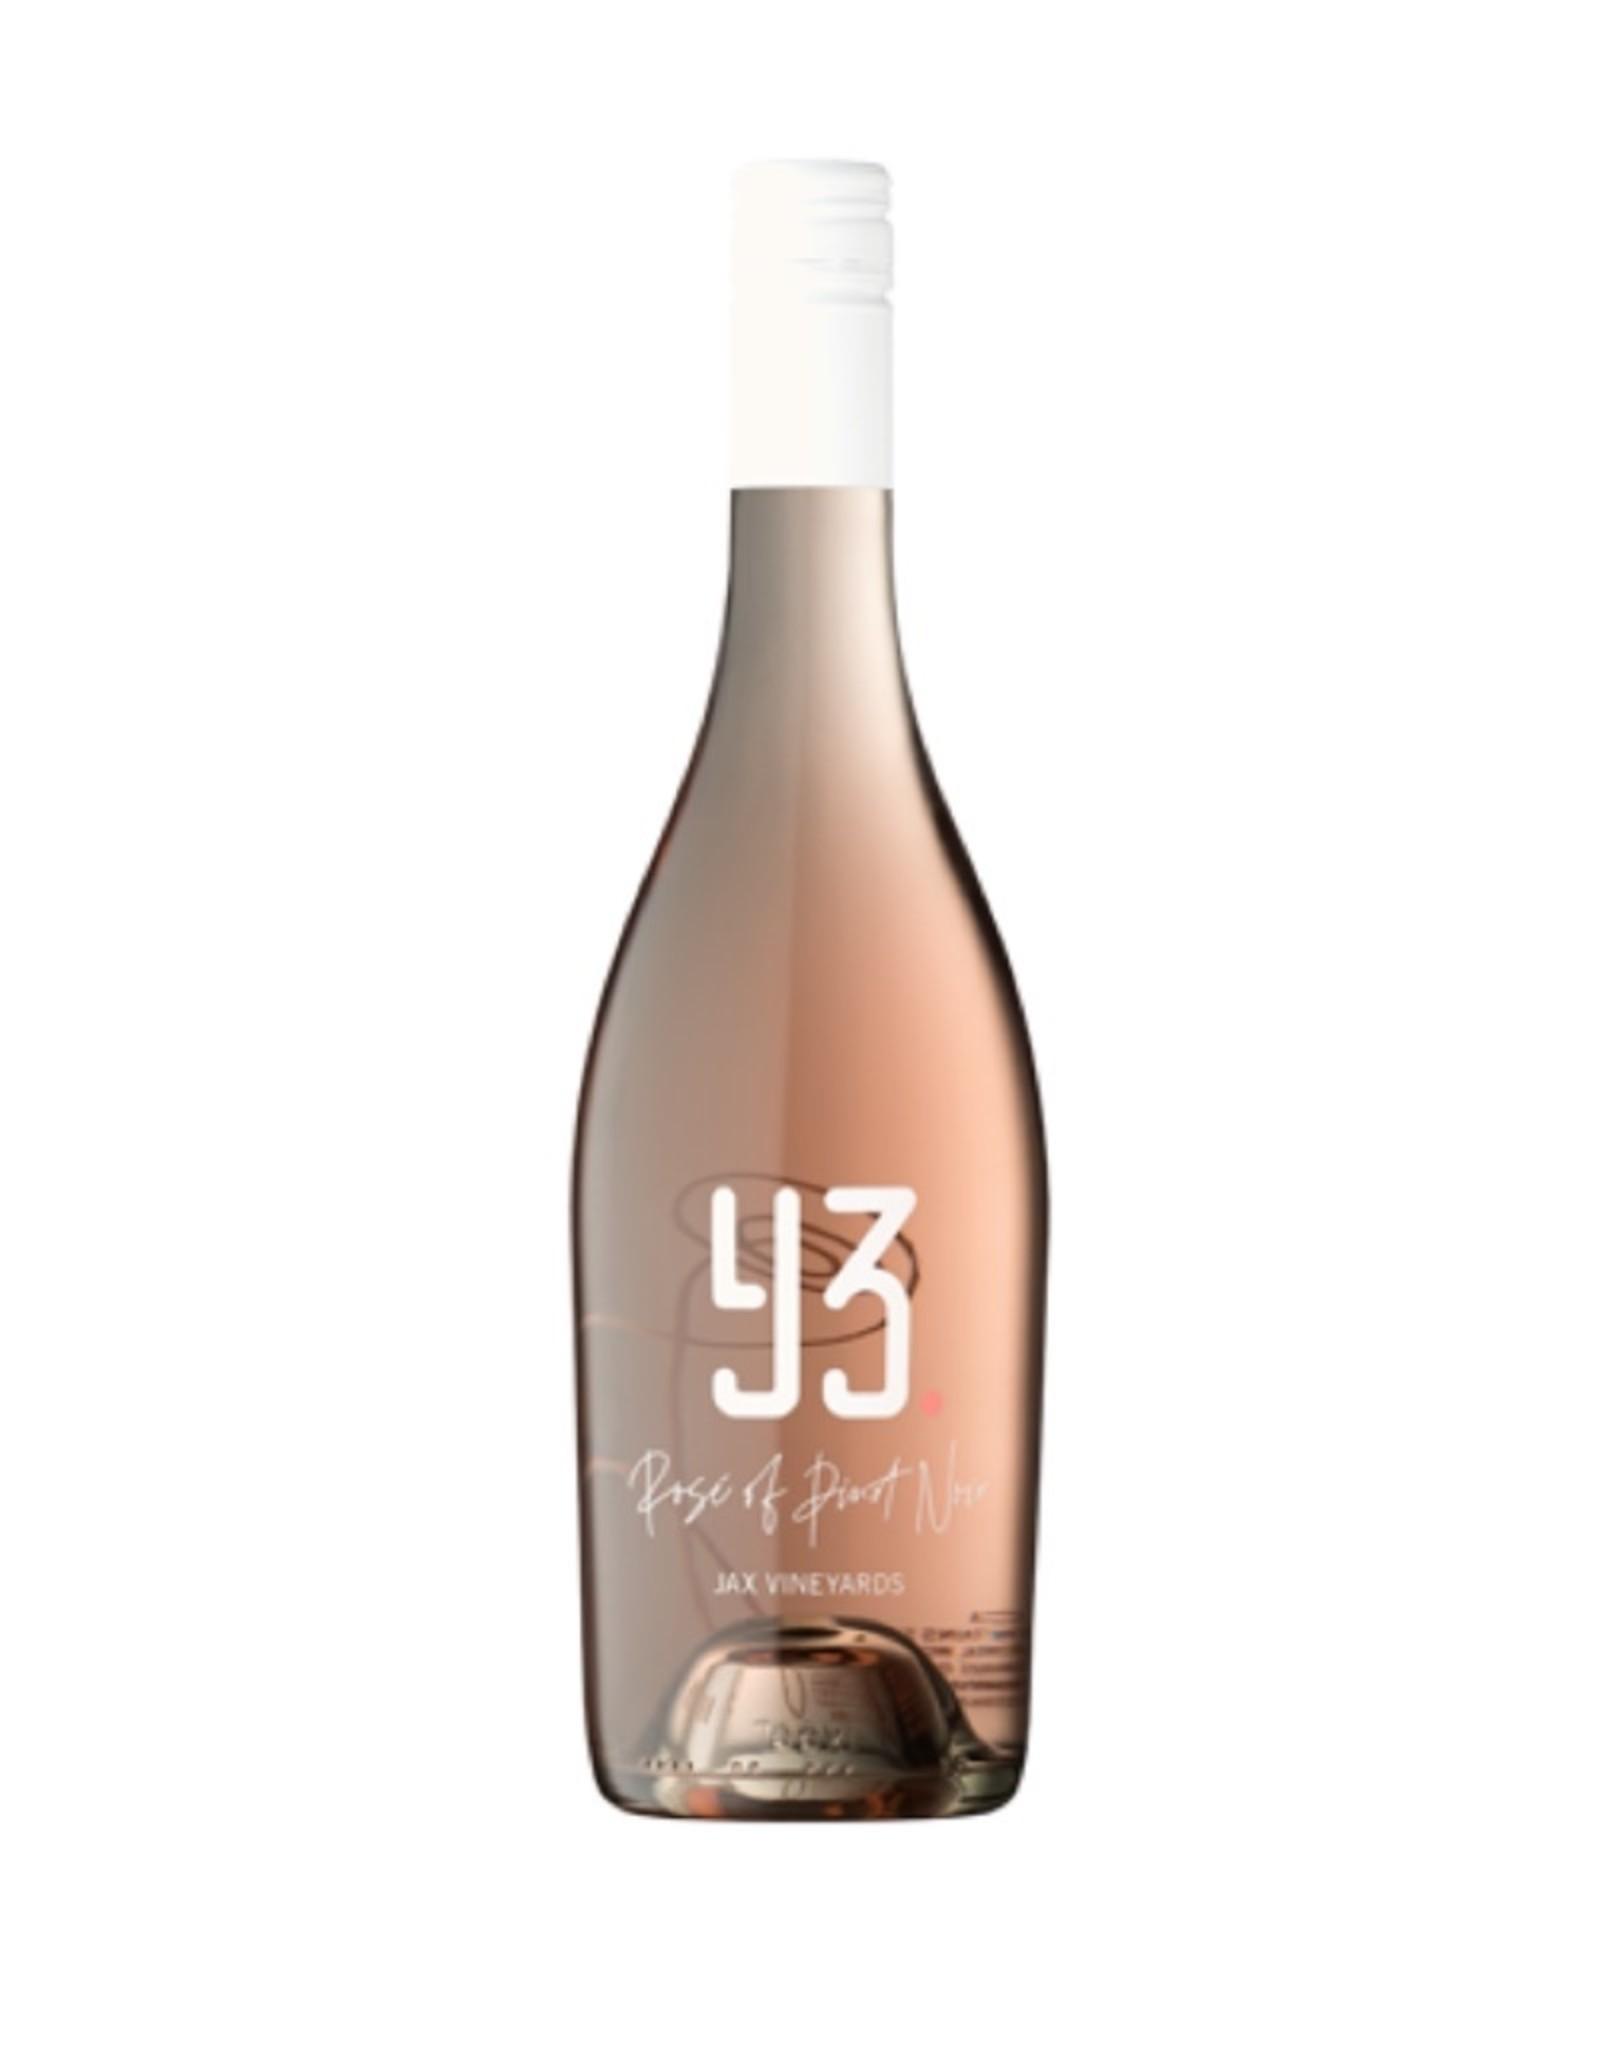 JAX Y3 Rose of Pinot Noir 2020